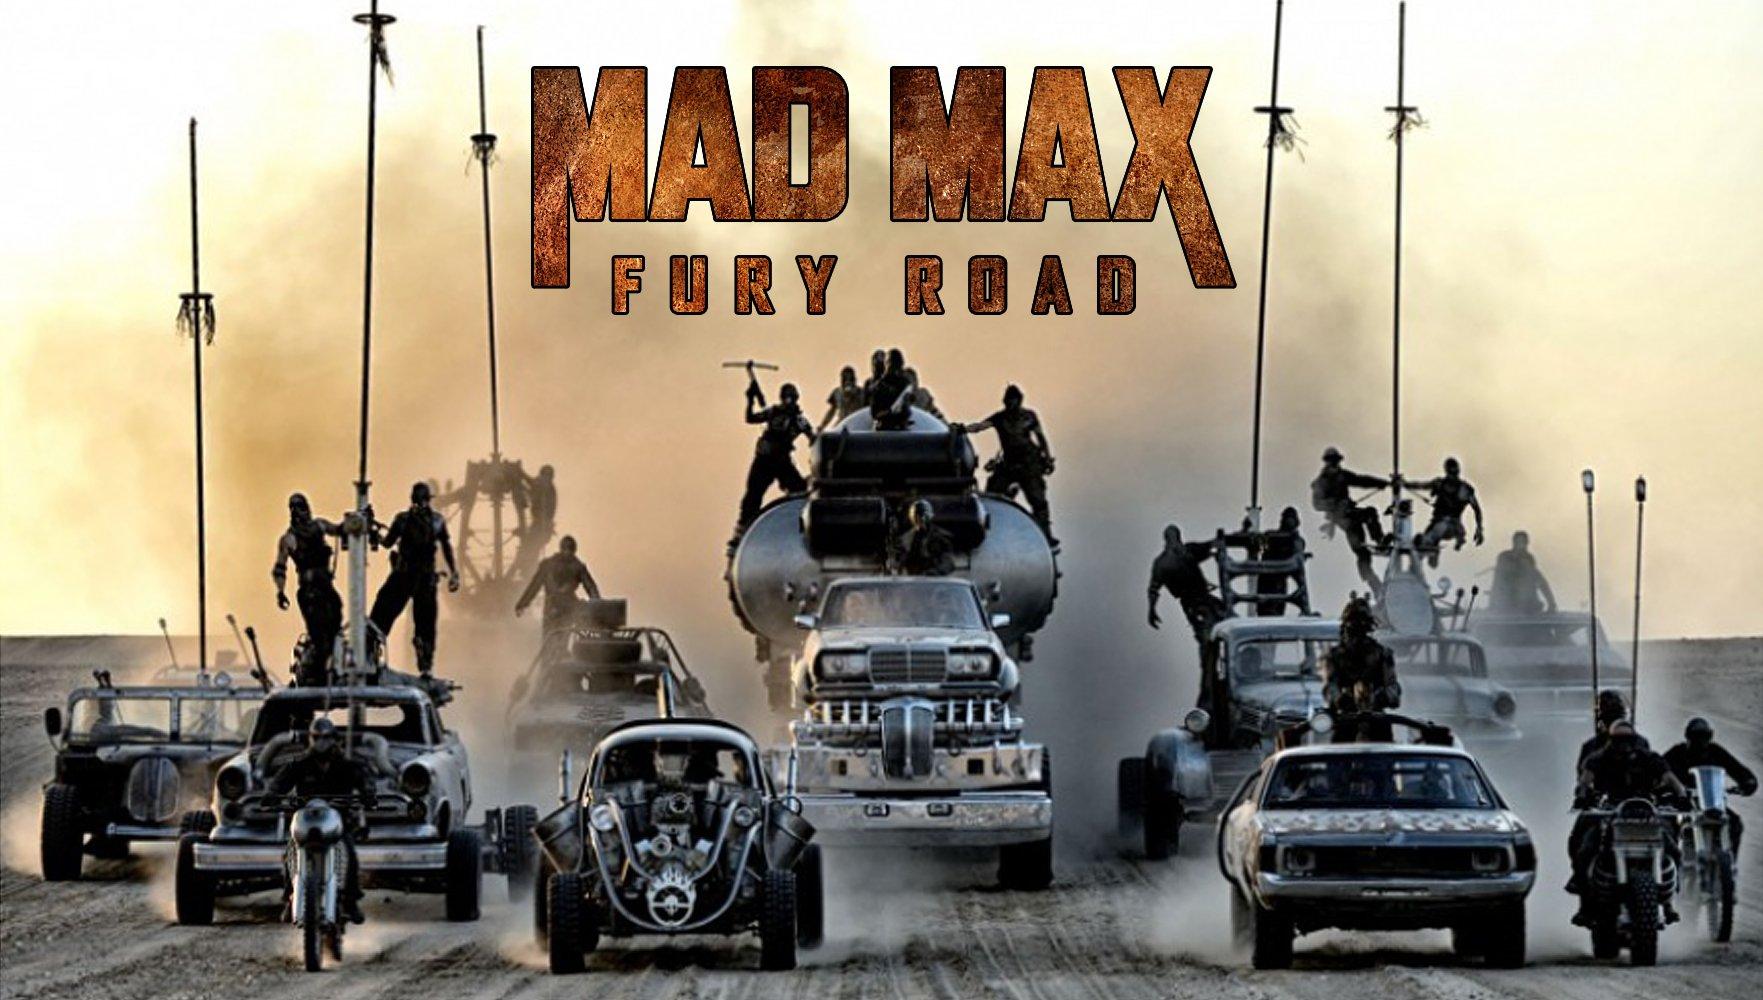 Oyez! Oyez! Les 10 bagnoles les plus folles de Mad Max: Fury Road s'explosent... non... s'exposent!